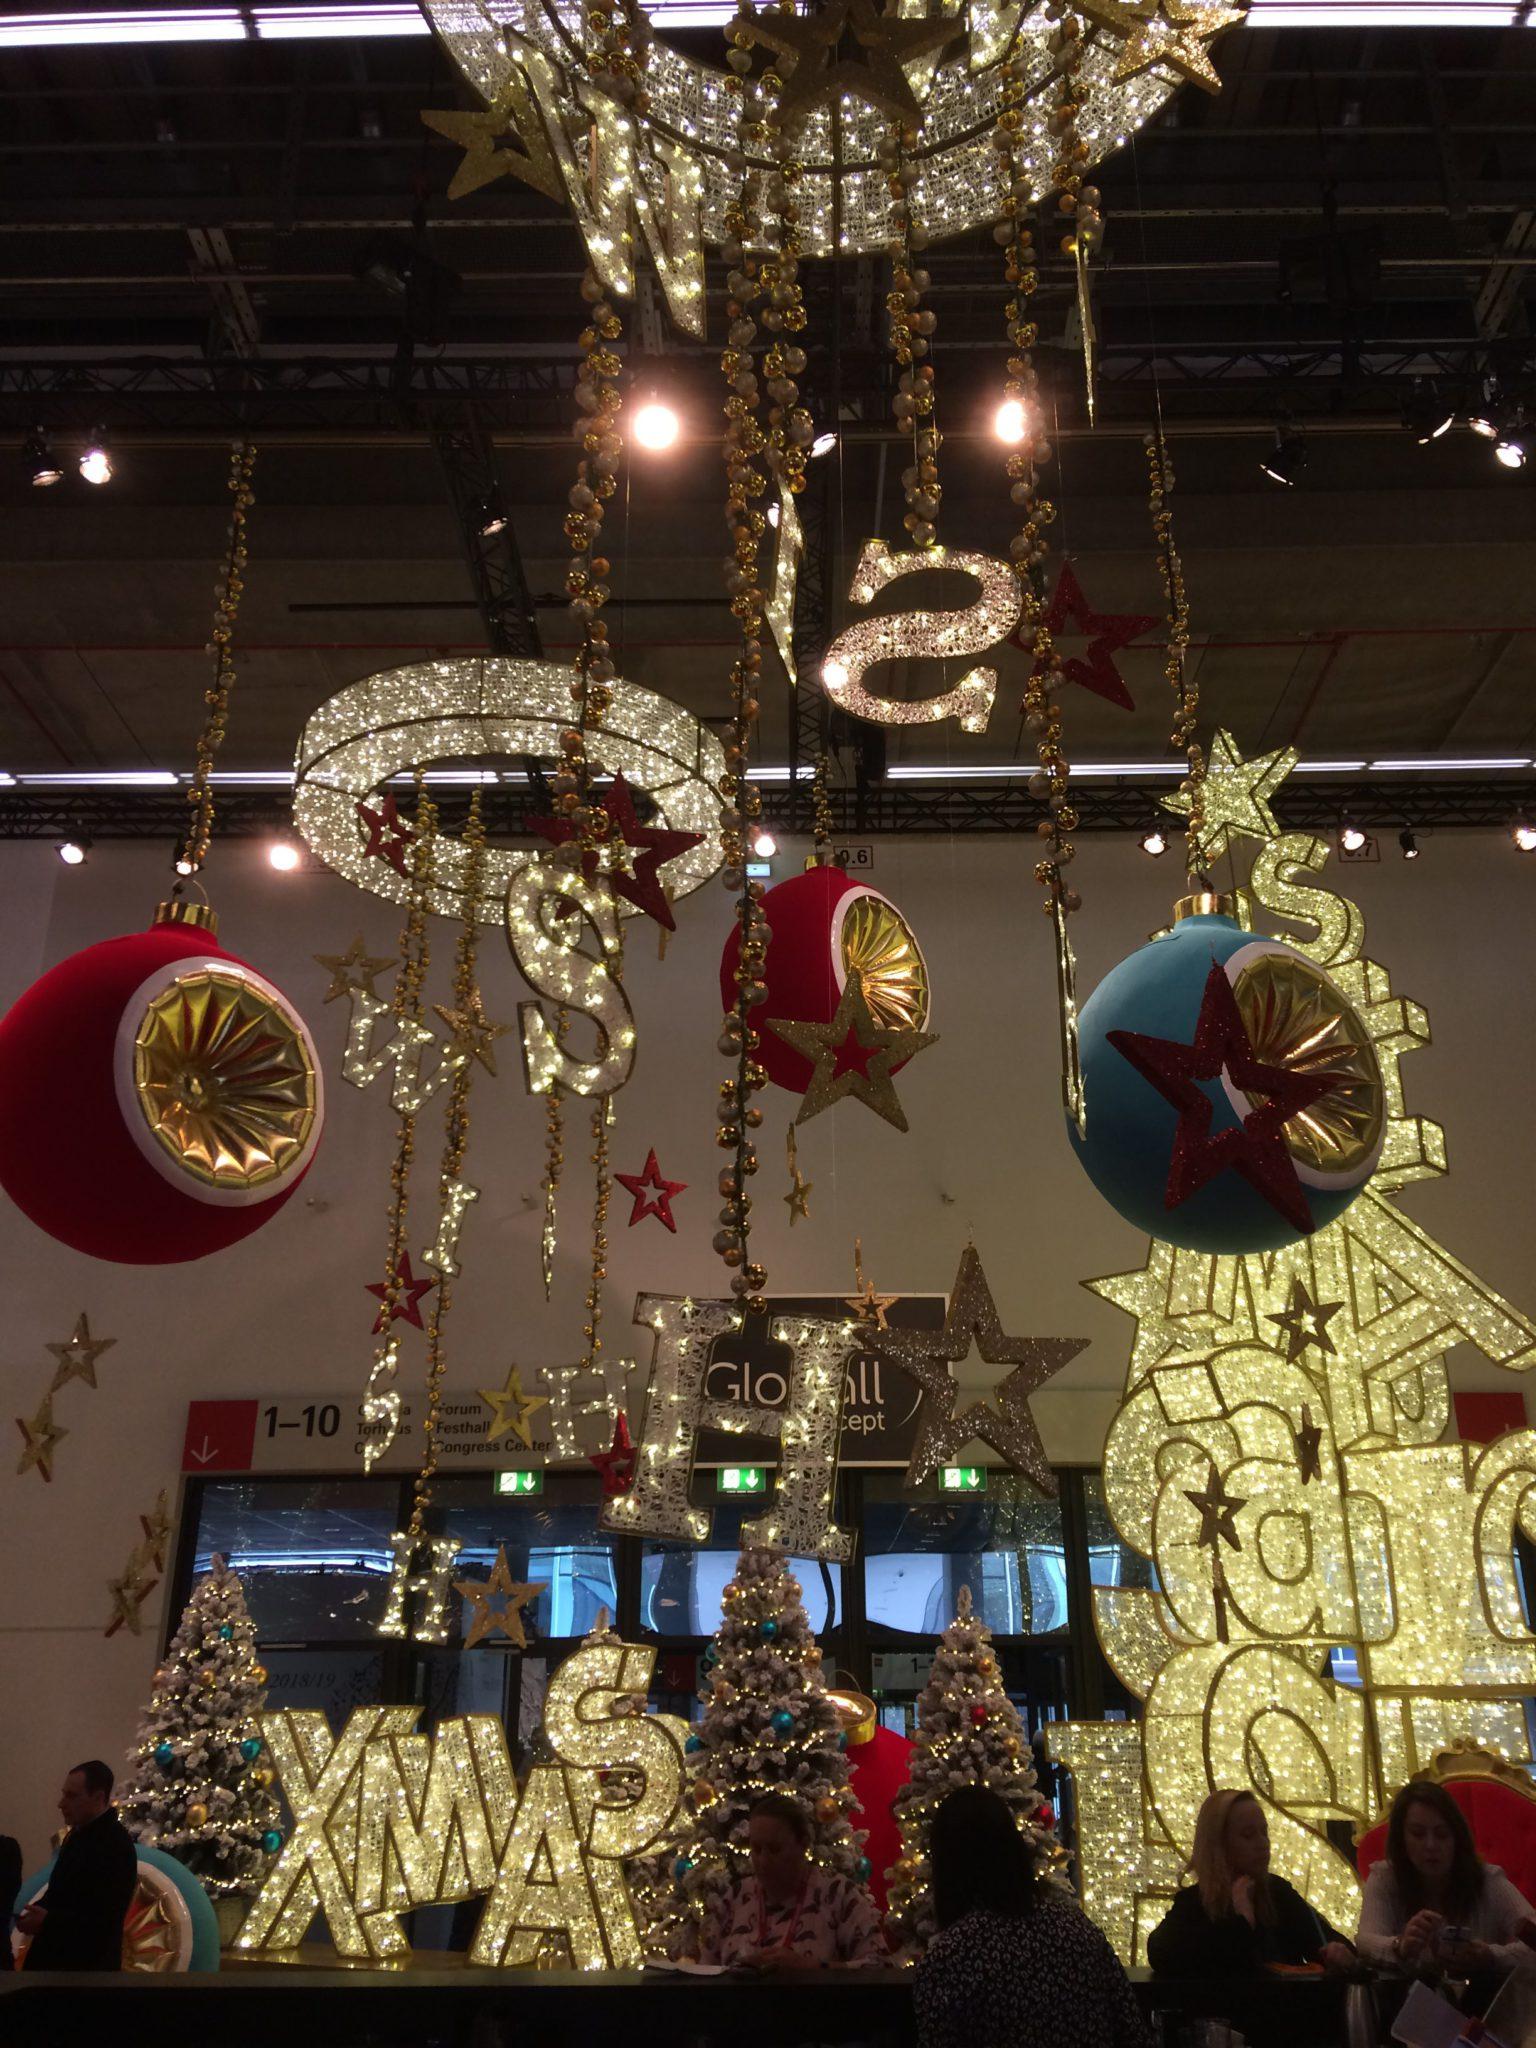 Globall-Concept-ChristmasWorld-Frankfurt-Jan1813-1 Globall Concept ChristmasWorld Frankfurt Jan18